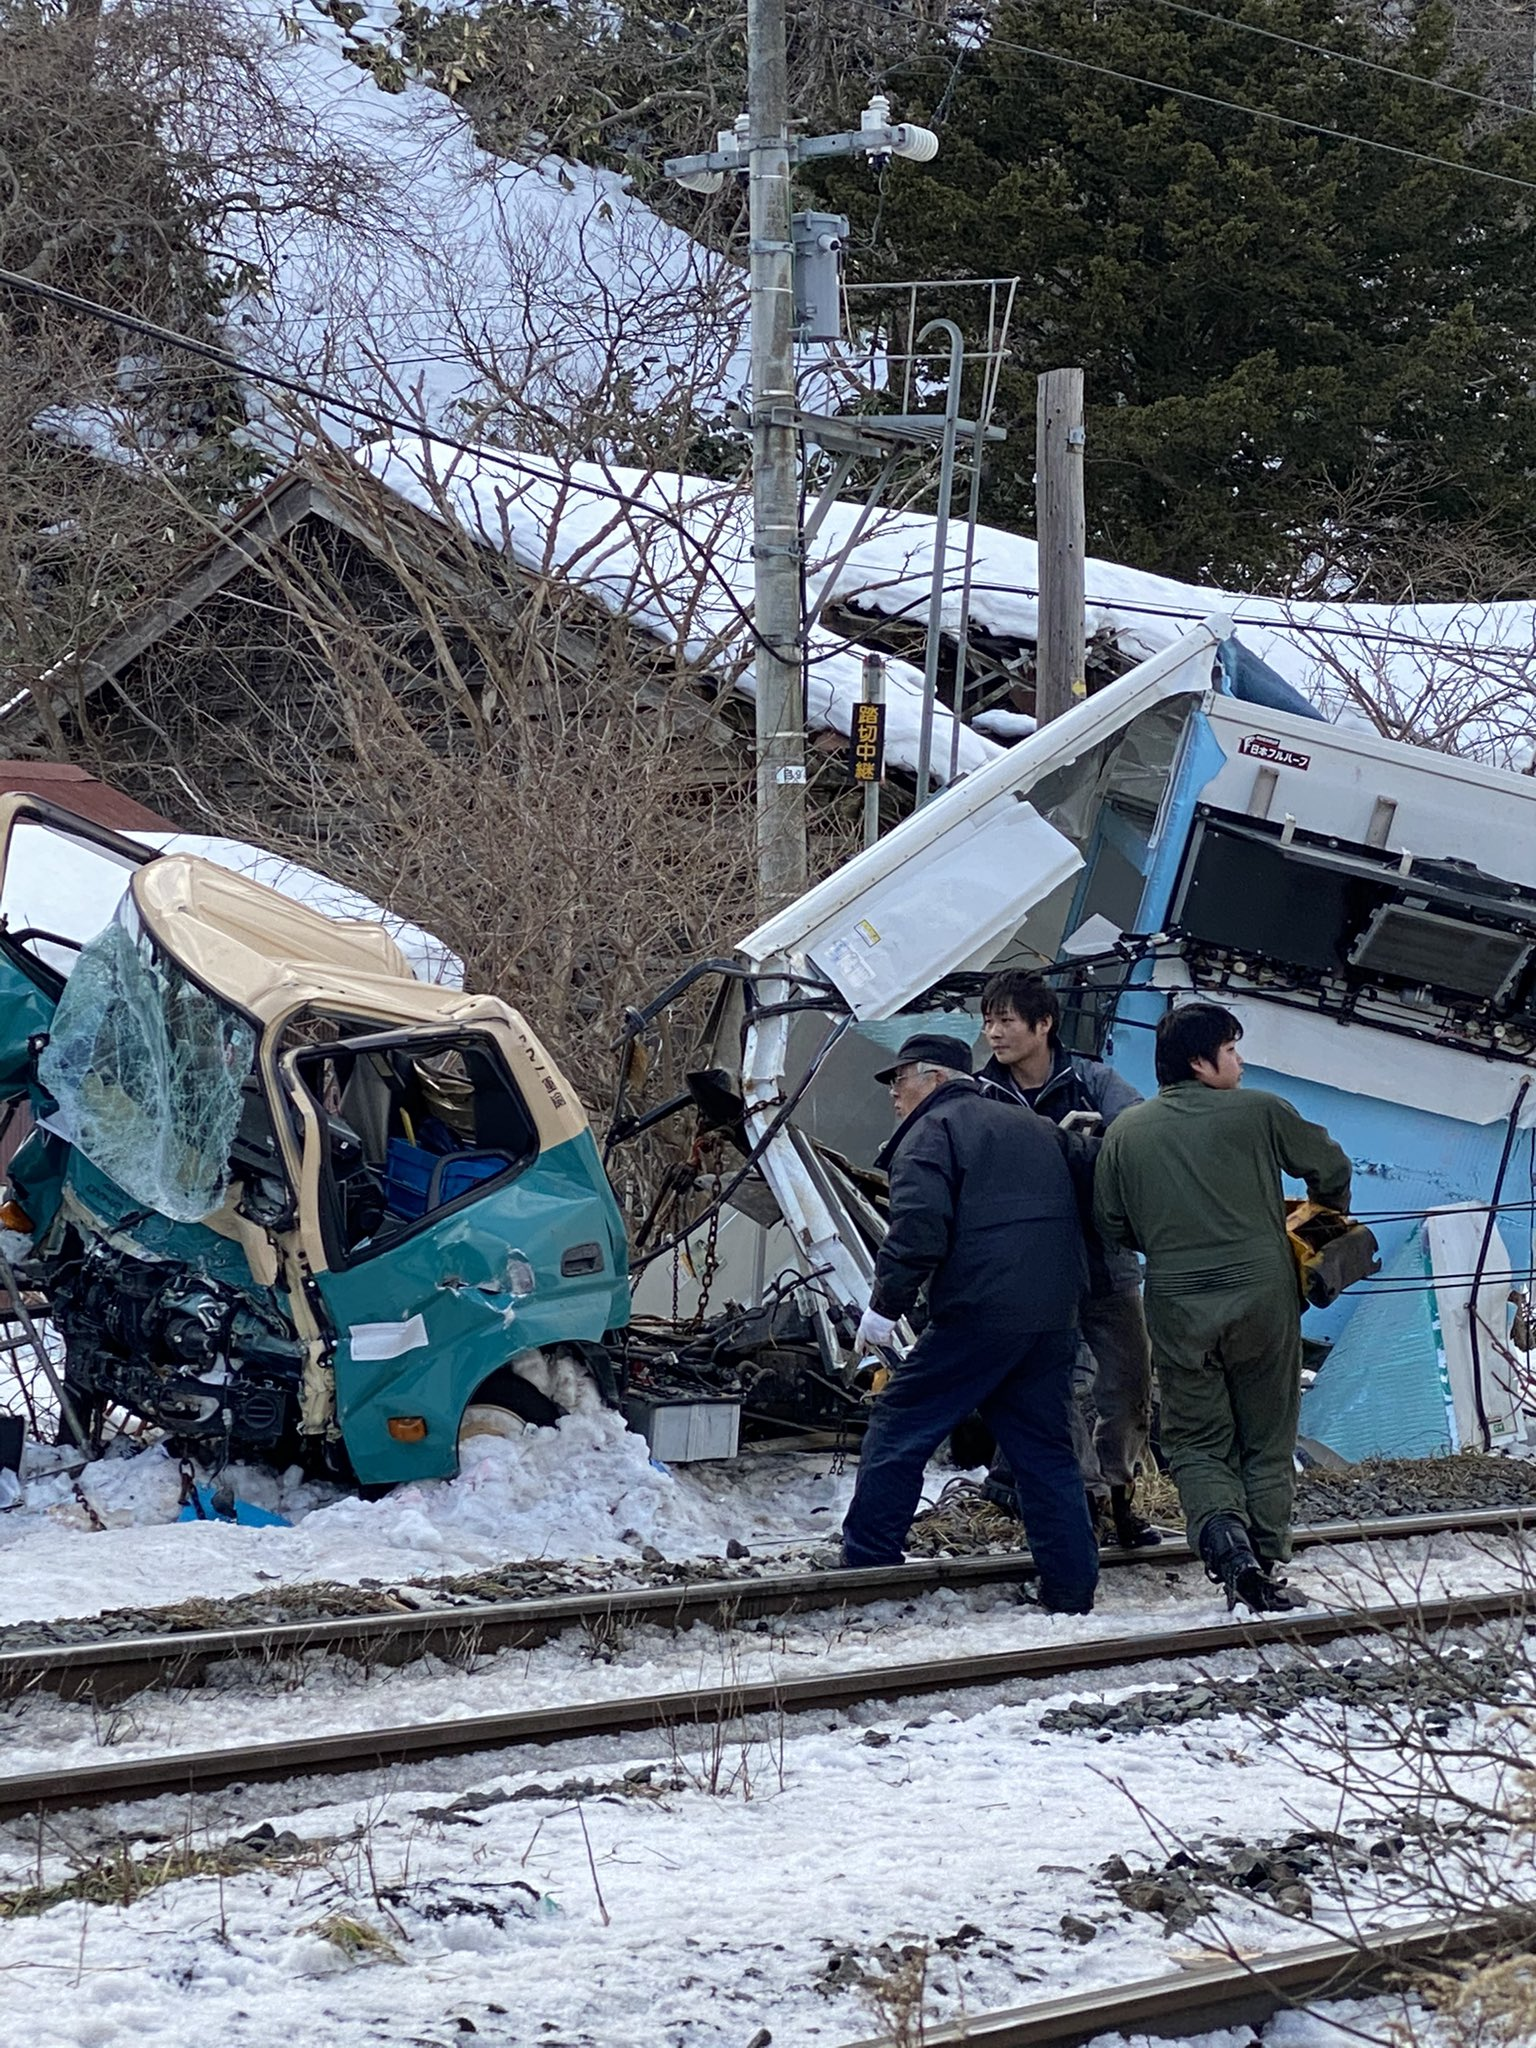 函館線 クロネコヤマトと貨物列車の事故現場の画像